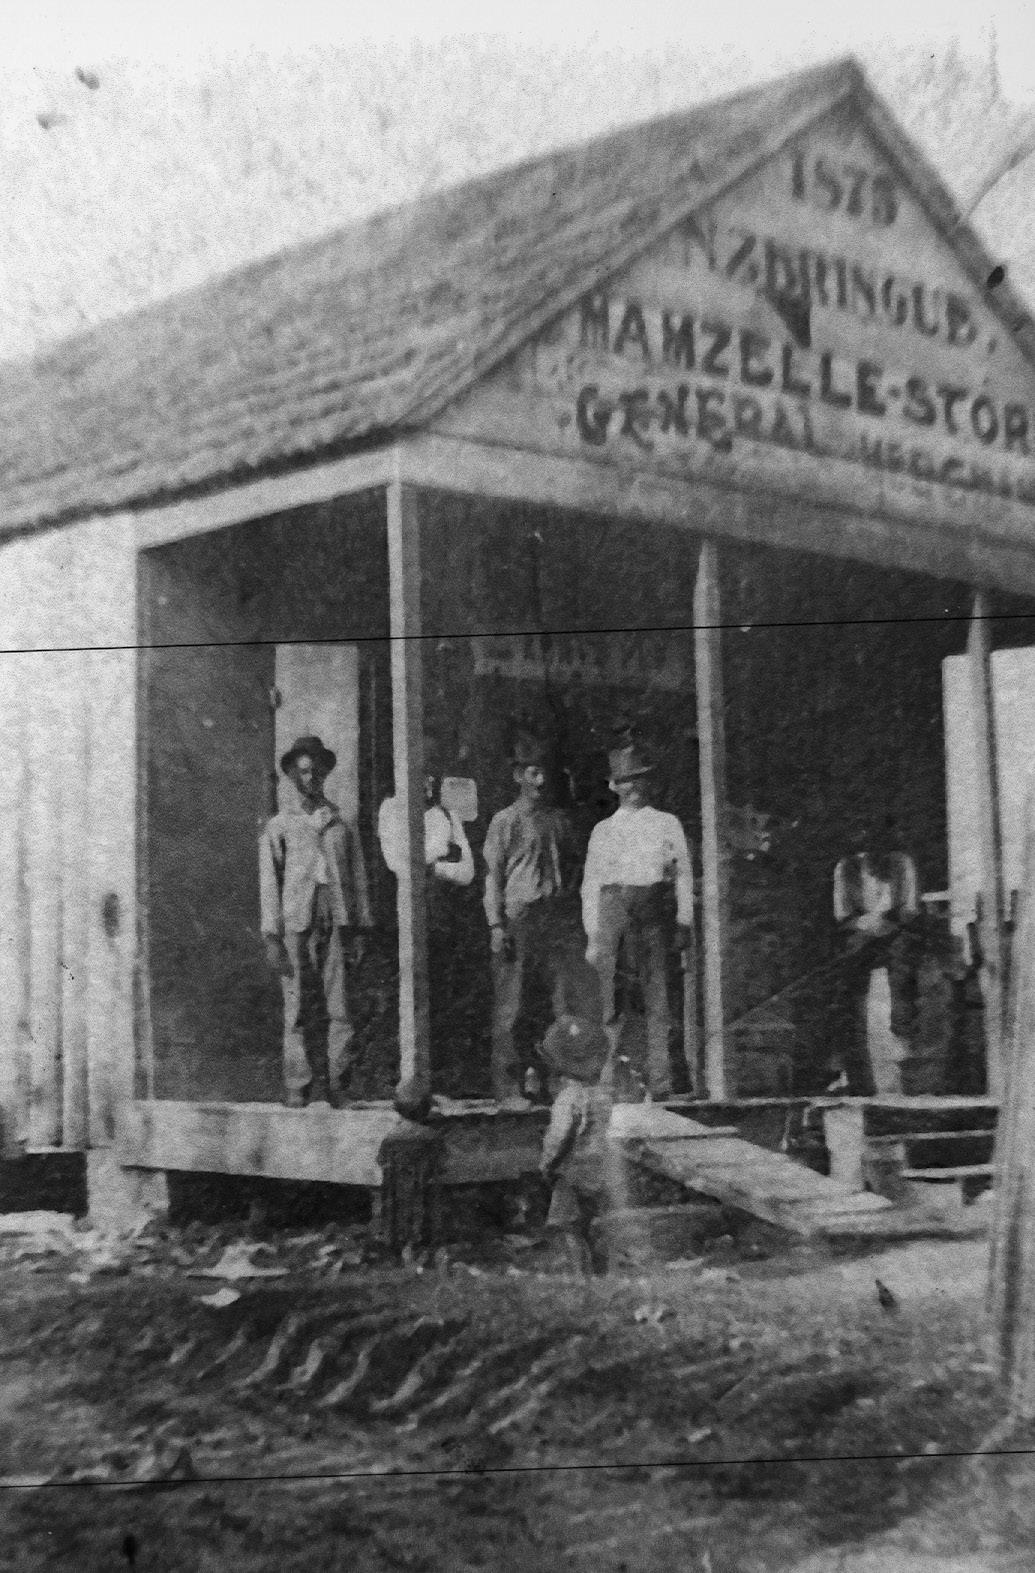 Mamzelle Store